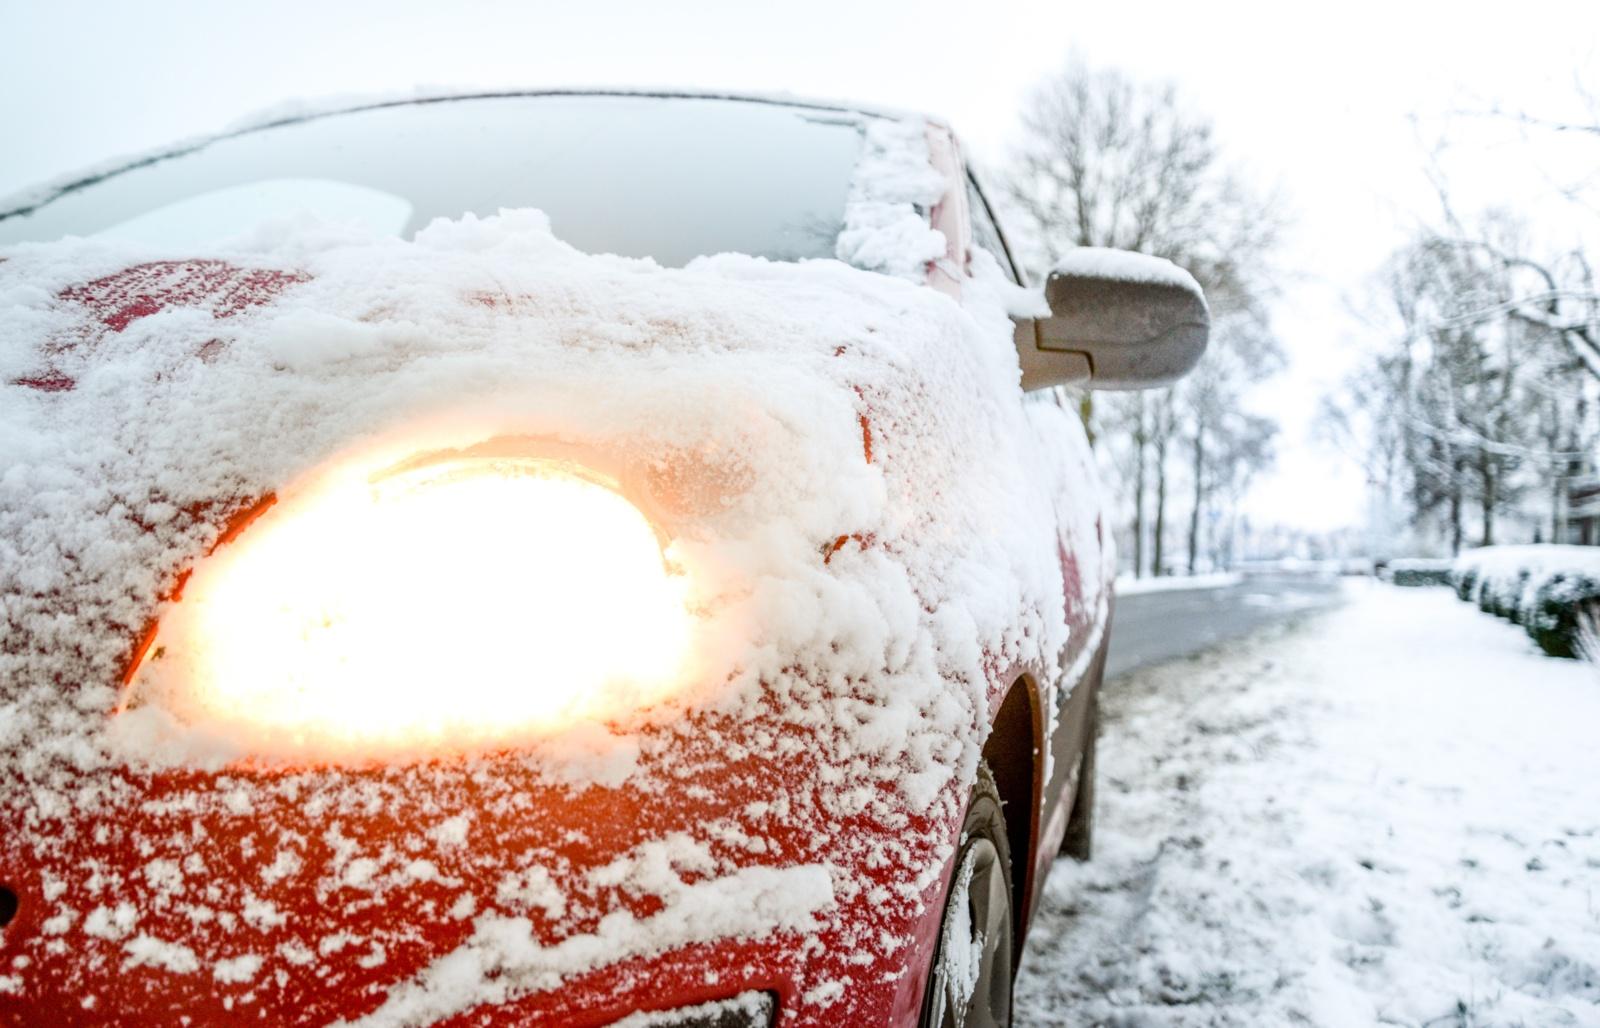 Šaltojo sezono automobilių problemos: kaip jas įveikti?